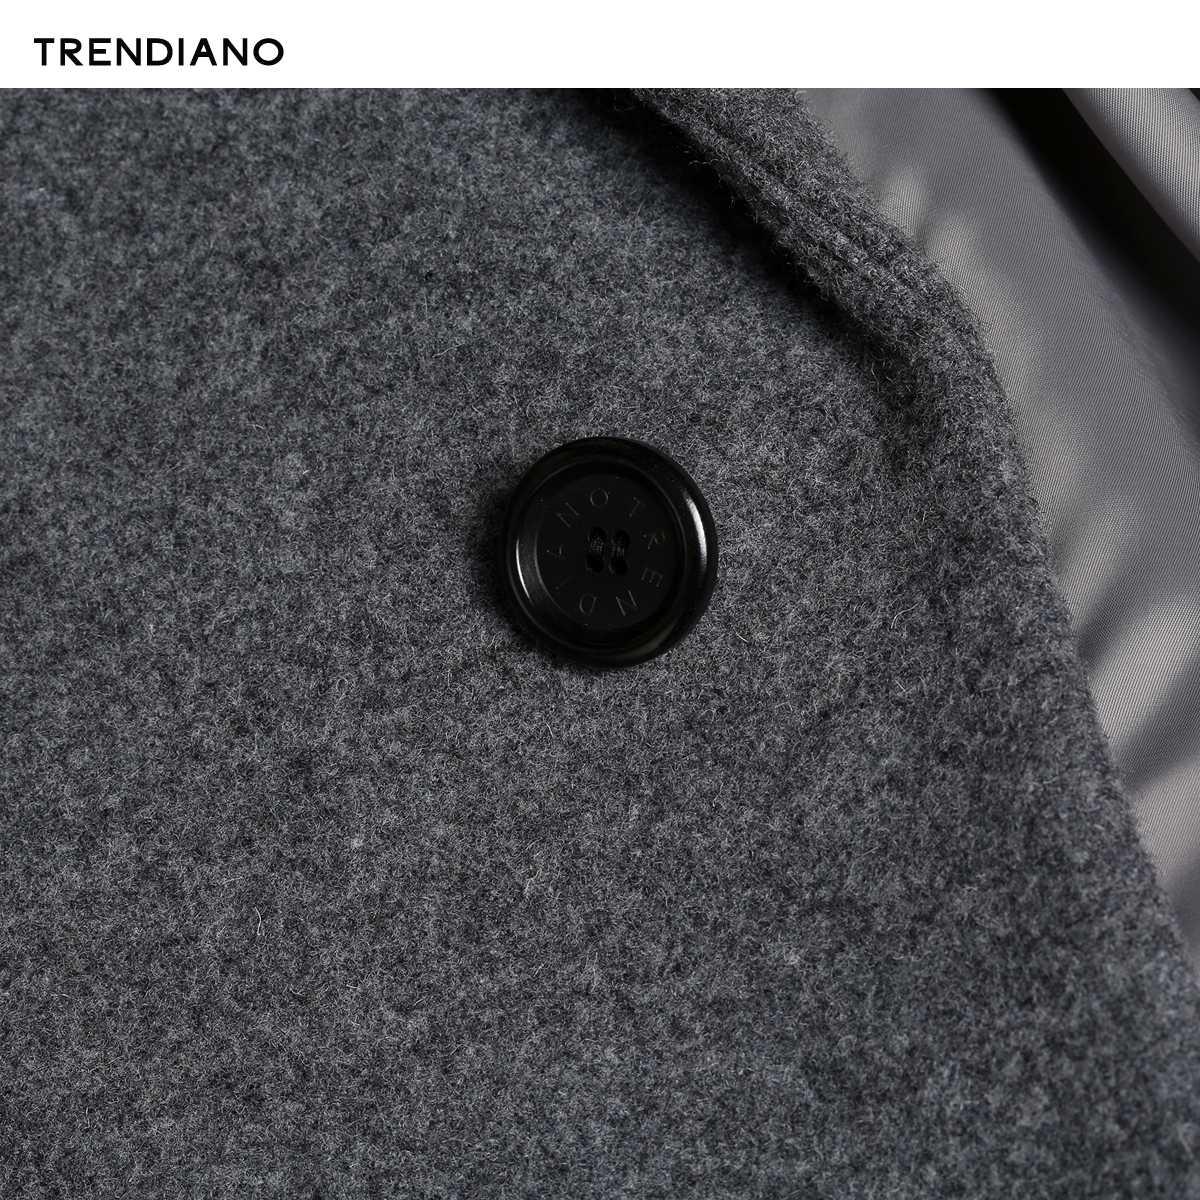 Men's coat Trendiano 3hc4341270 2016